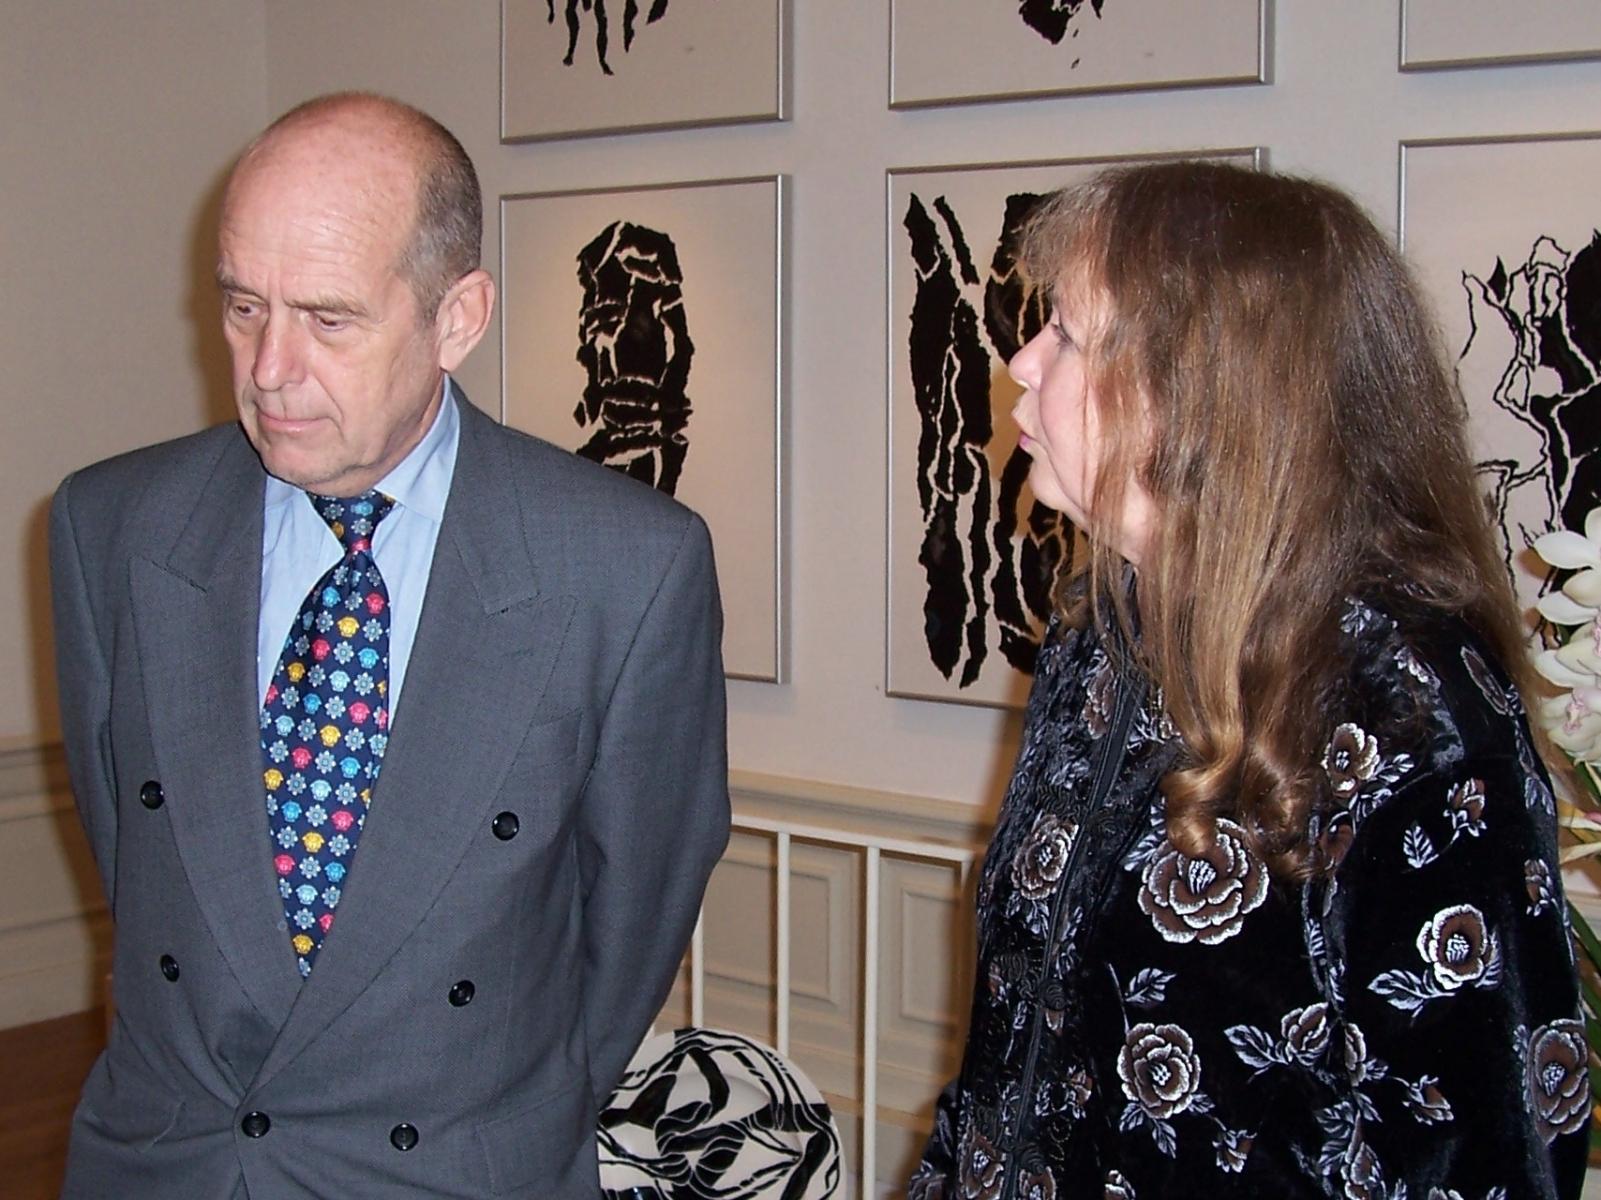 Expositie Wieteke van Dort, hier samen met Robert Verlinden, Pulchri Studio Den Haag, 2004.